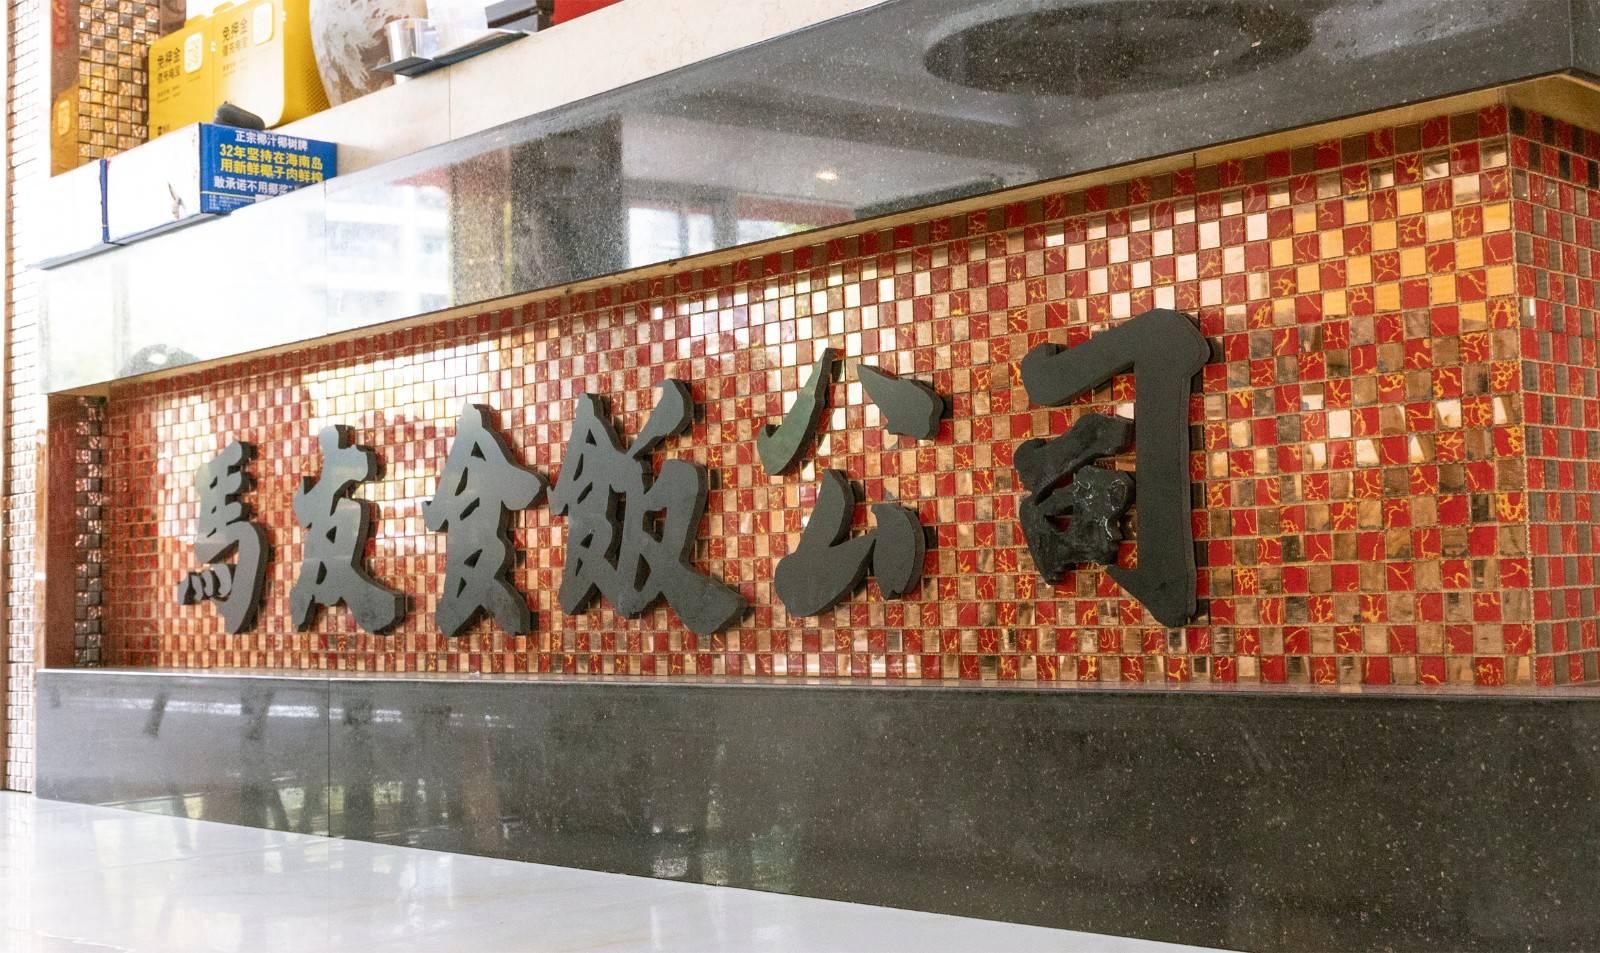 【龙岗布吉·美食】正统广式美味!88元抢272元『马友老廣啫煲•四季火锅』3-4人鸡煲套餐!